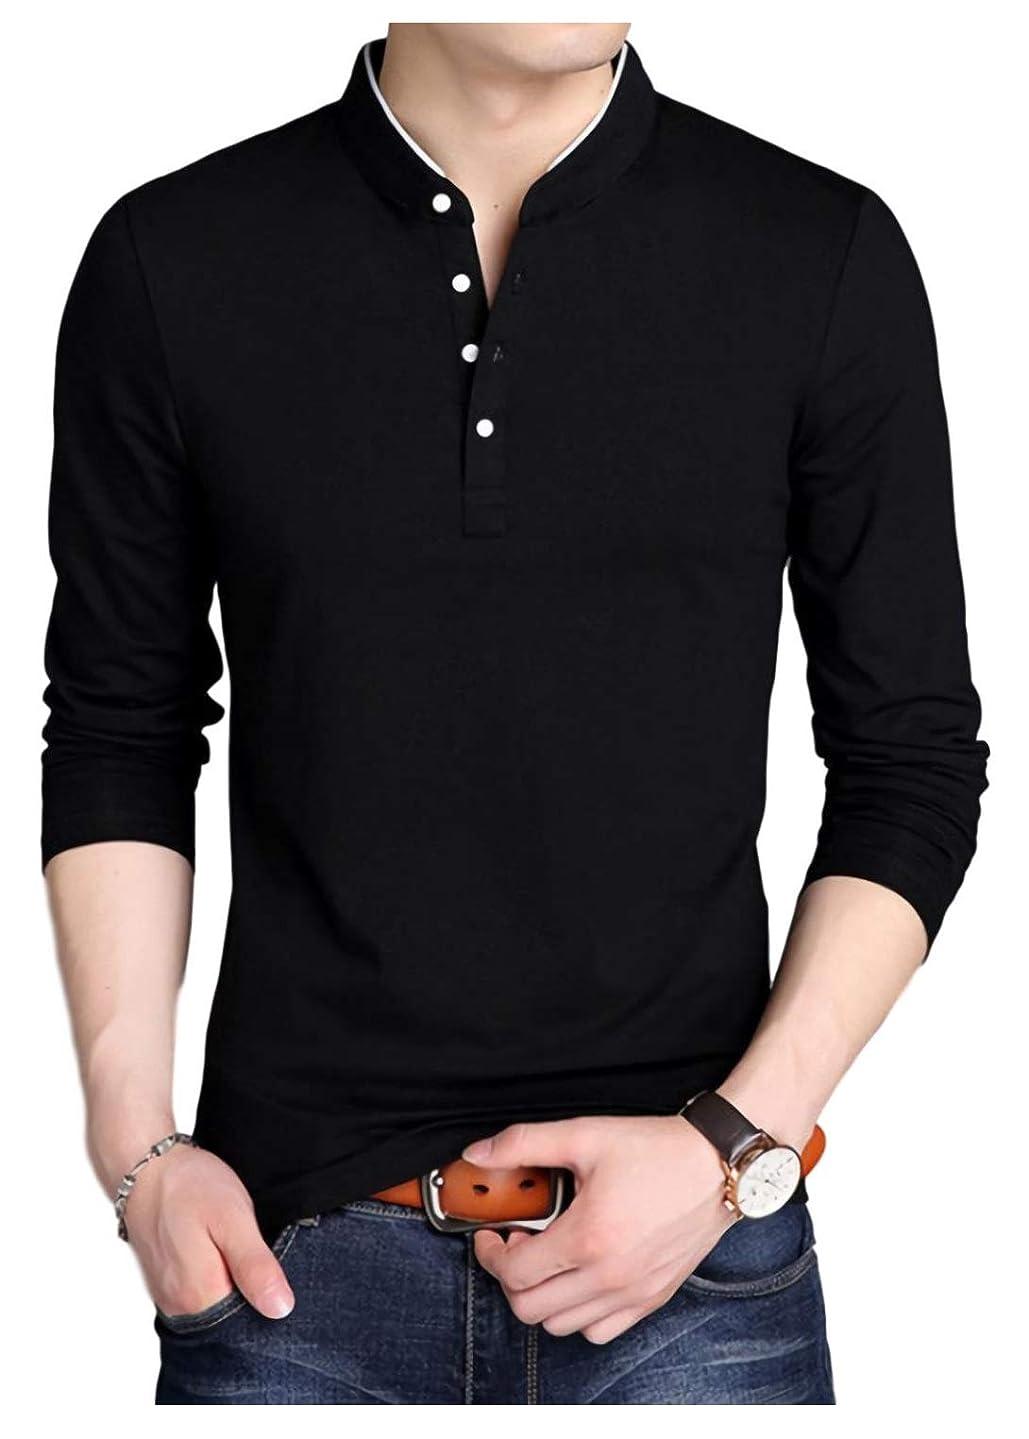 限りなくソートインチ[パリド] スタンドカラー ロング tシャツ 立ち襟 ロンt 無地 長袖 シンプル キレカジ メンズ S ~ 4XL